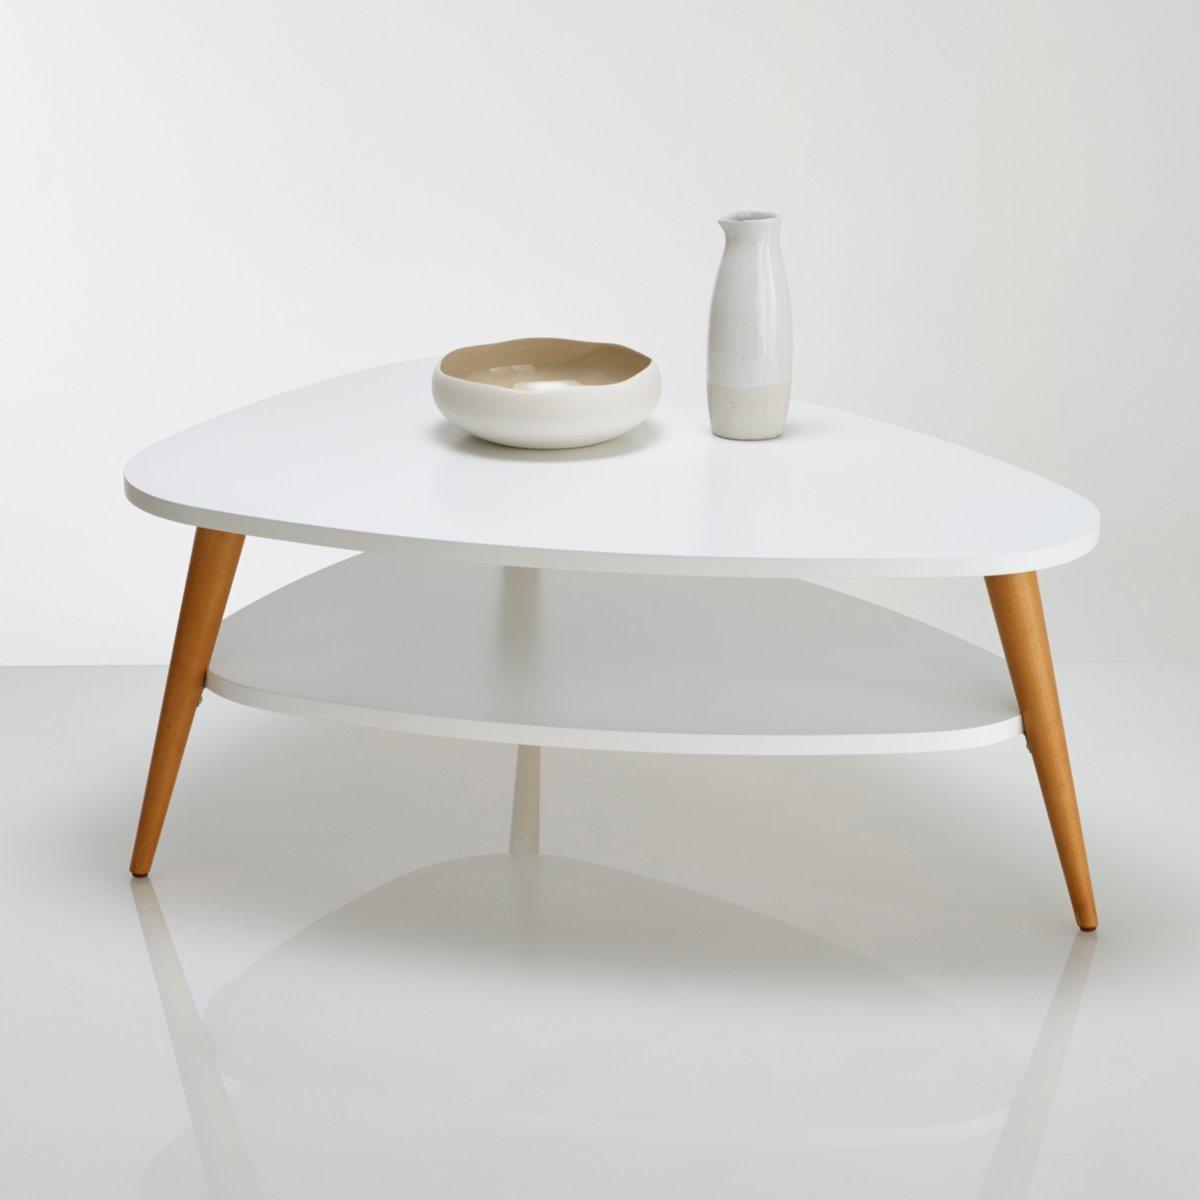 table basse esprit nordique - infini photo